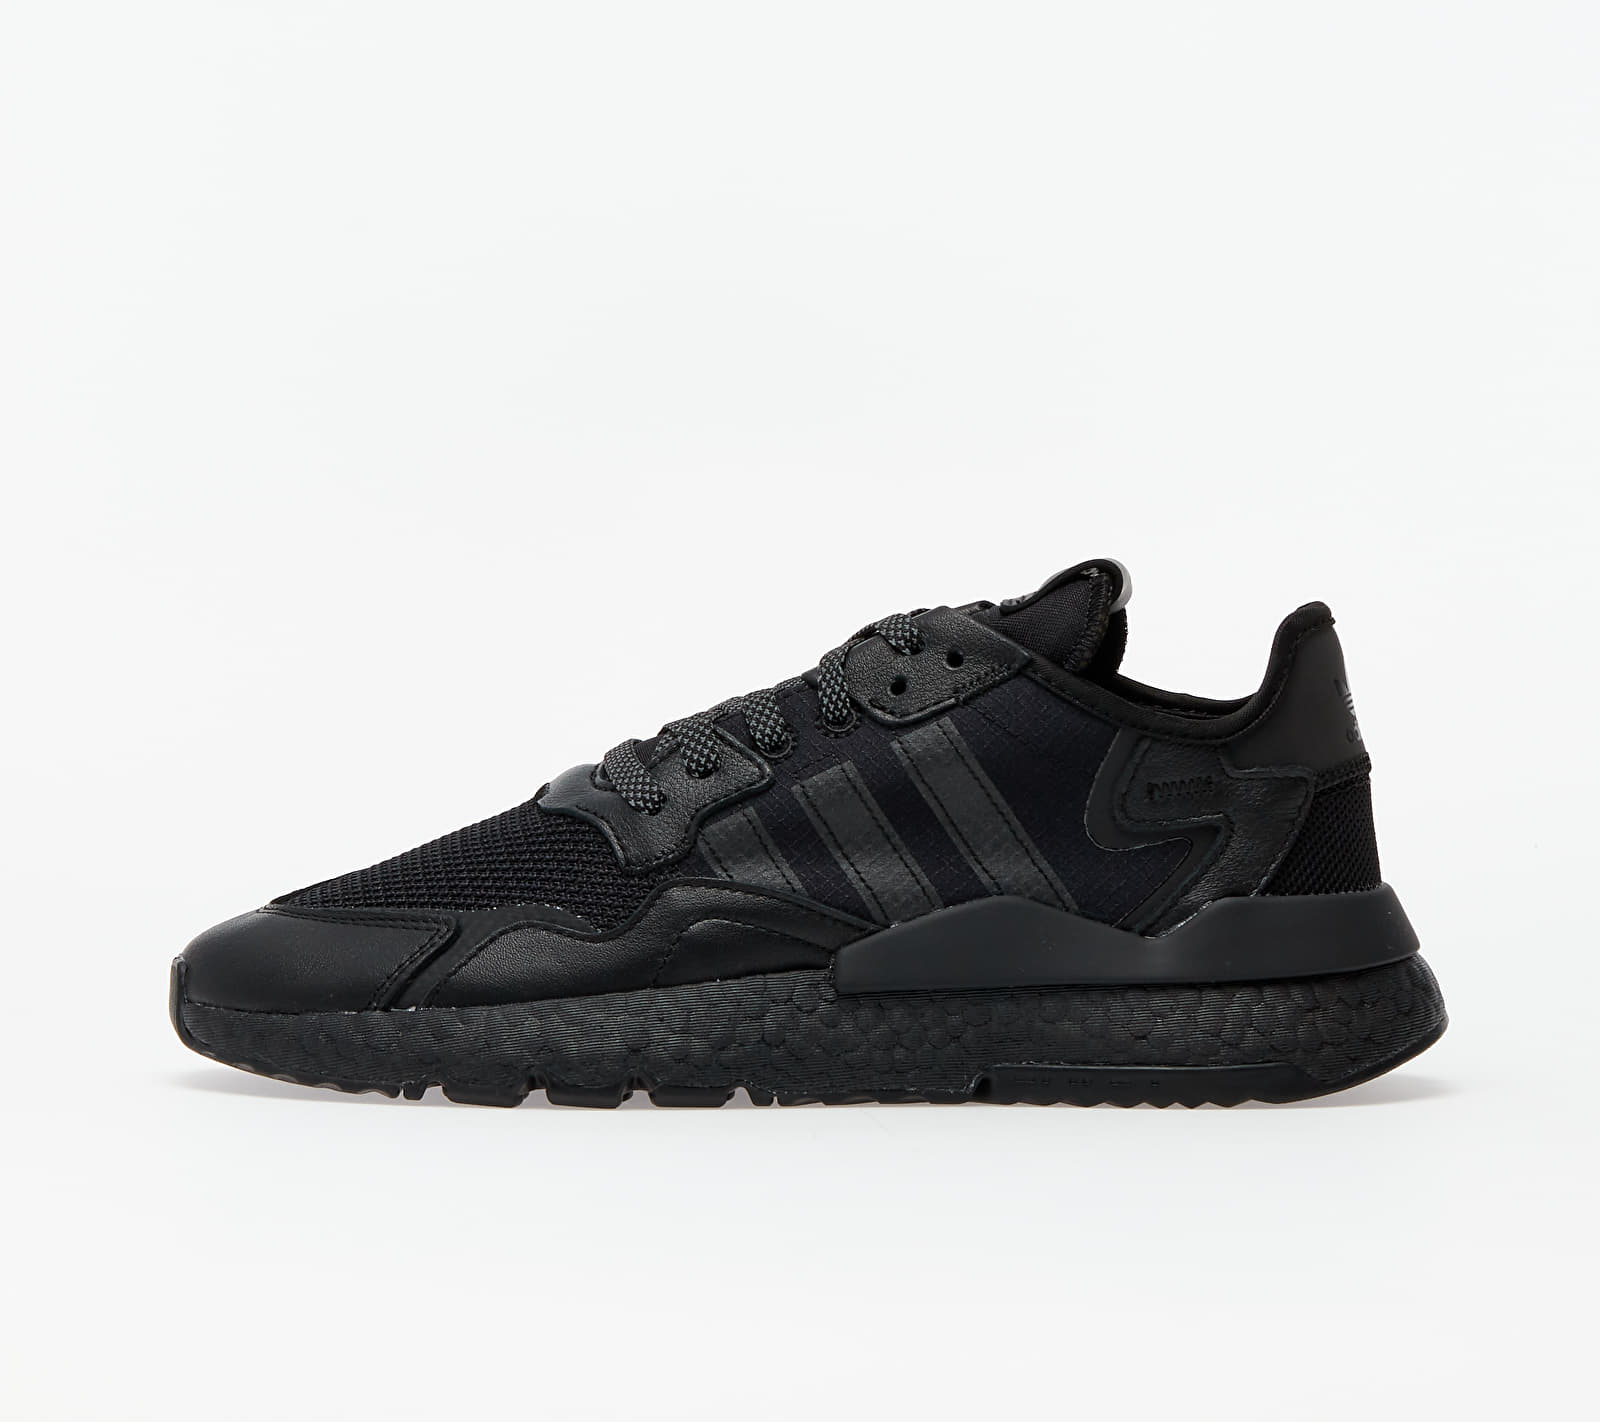 adidas Nite Jogger Core Black/ Core Black/ Core Black EUR 46